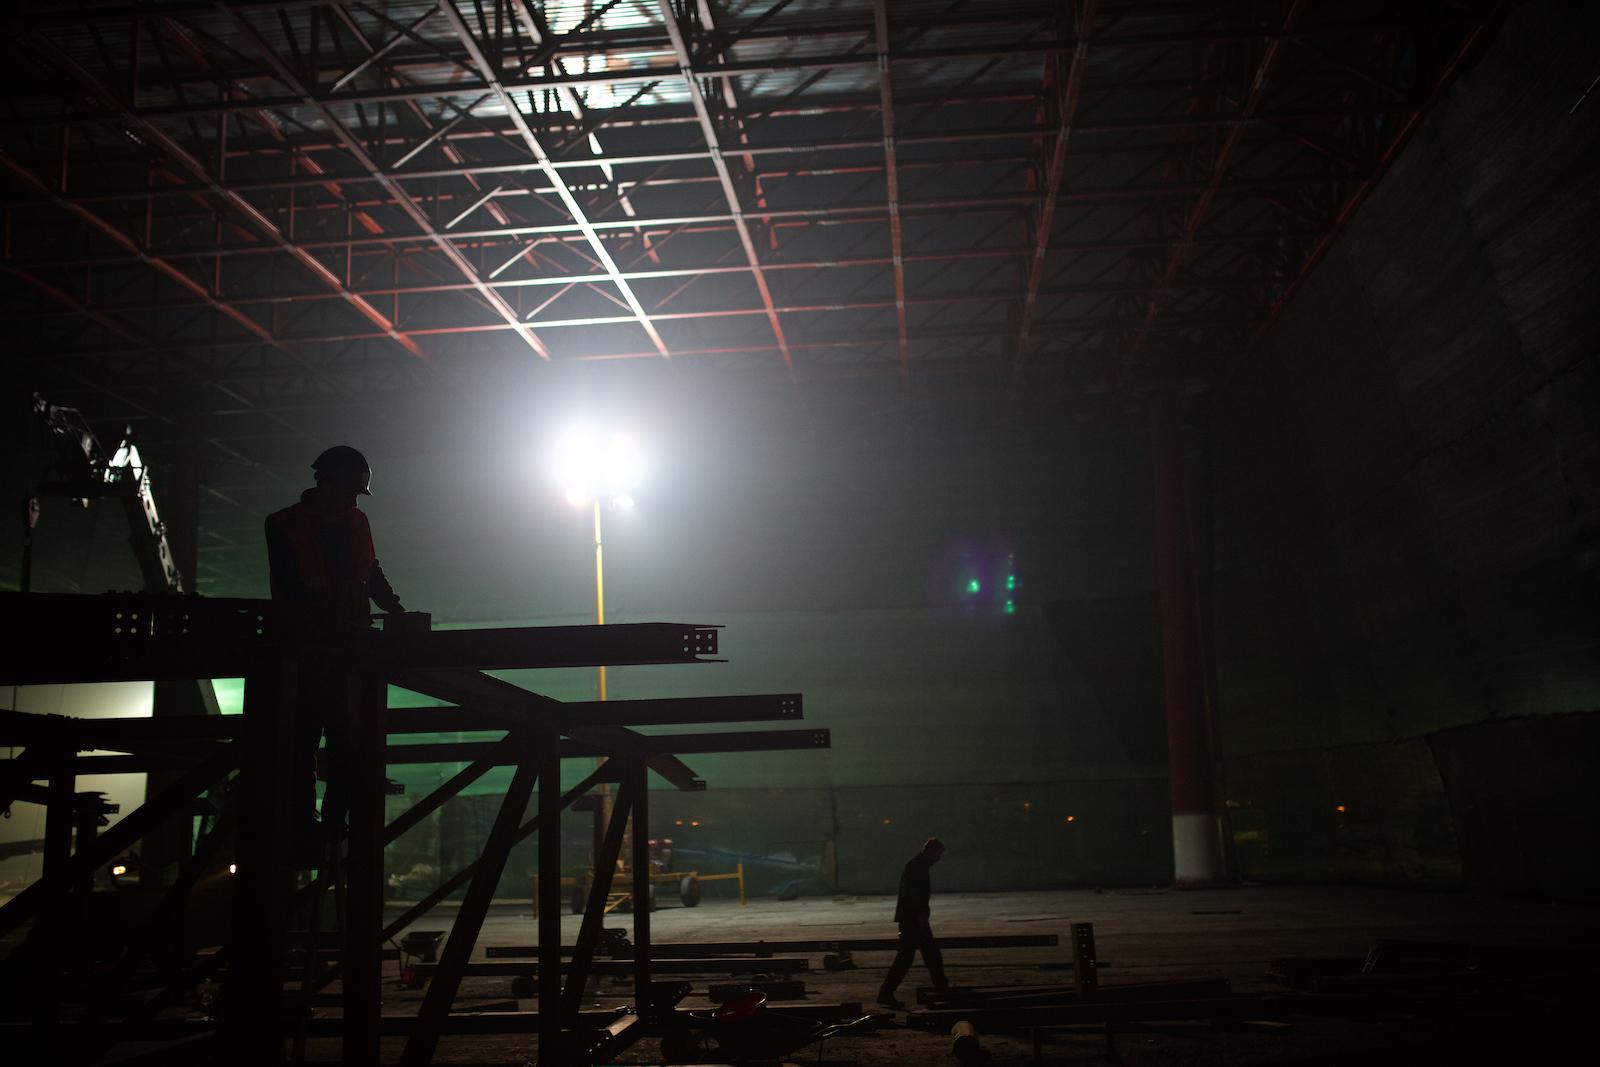 """Il cantiere del padiglione veneziano """"Acquae"""" per l'Expo 2015, i cui promotori sperano possa essere una vetrina per il rilancio degli investimenti nella zona. Marghera, Novembre 2014"""